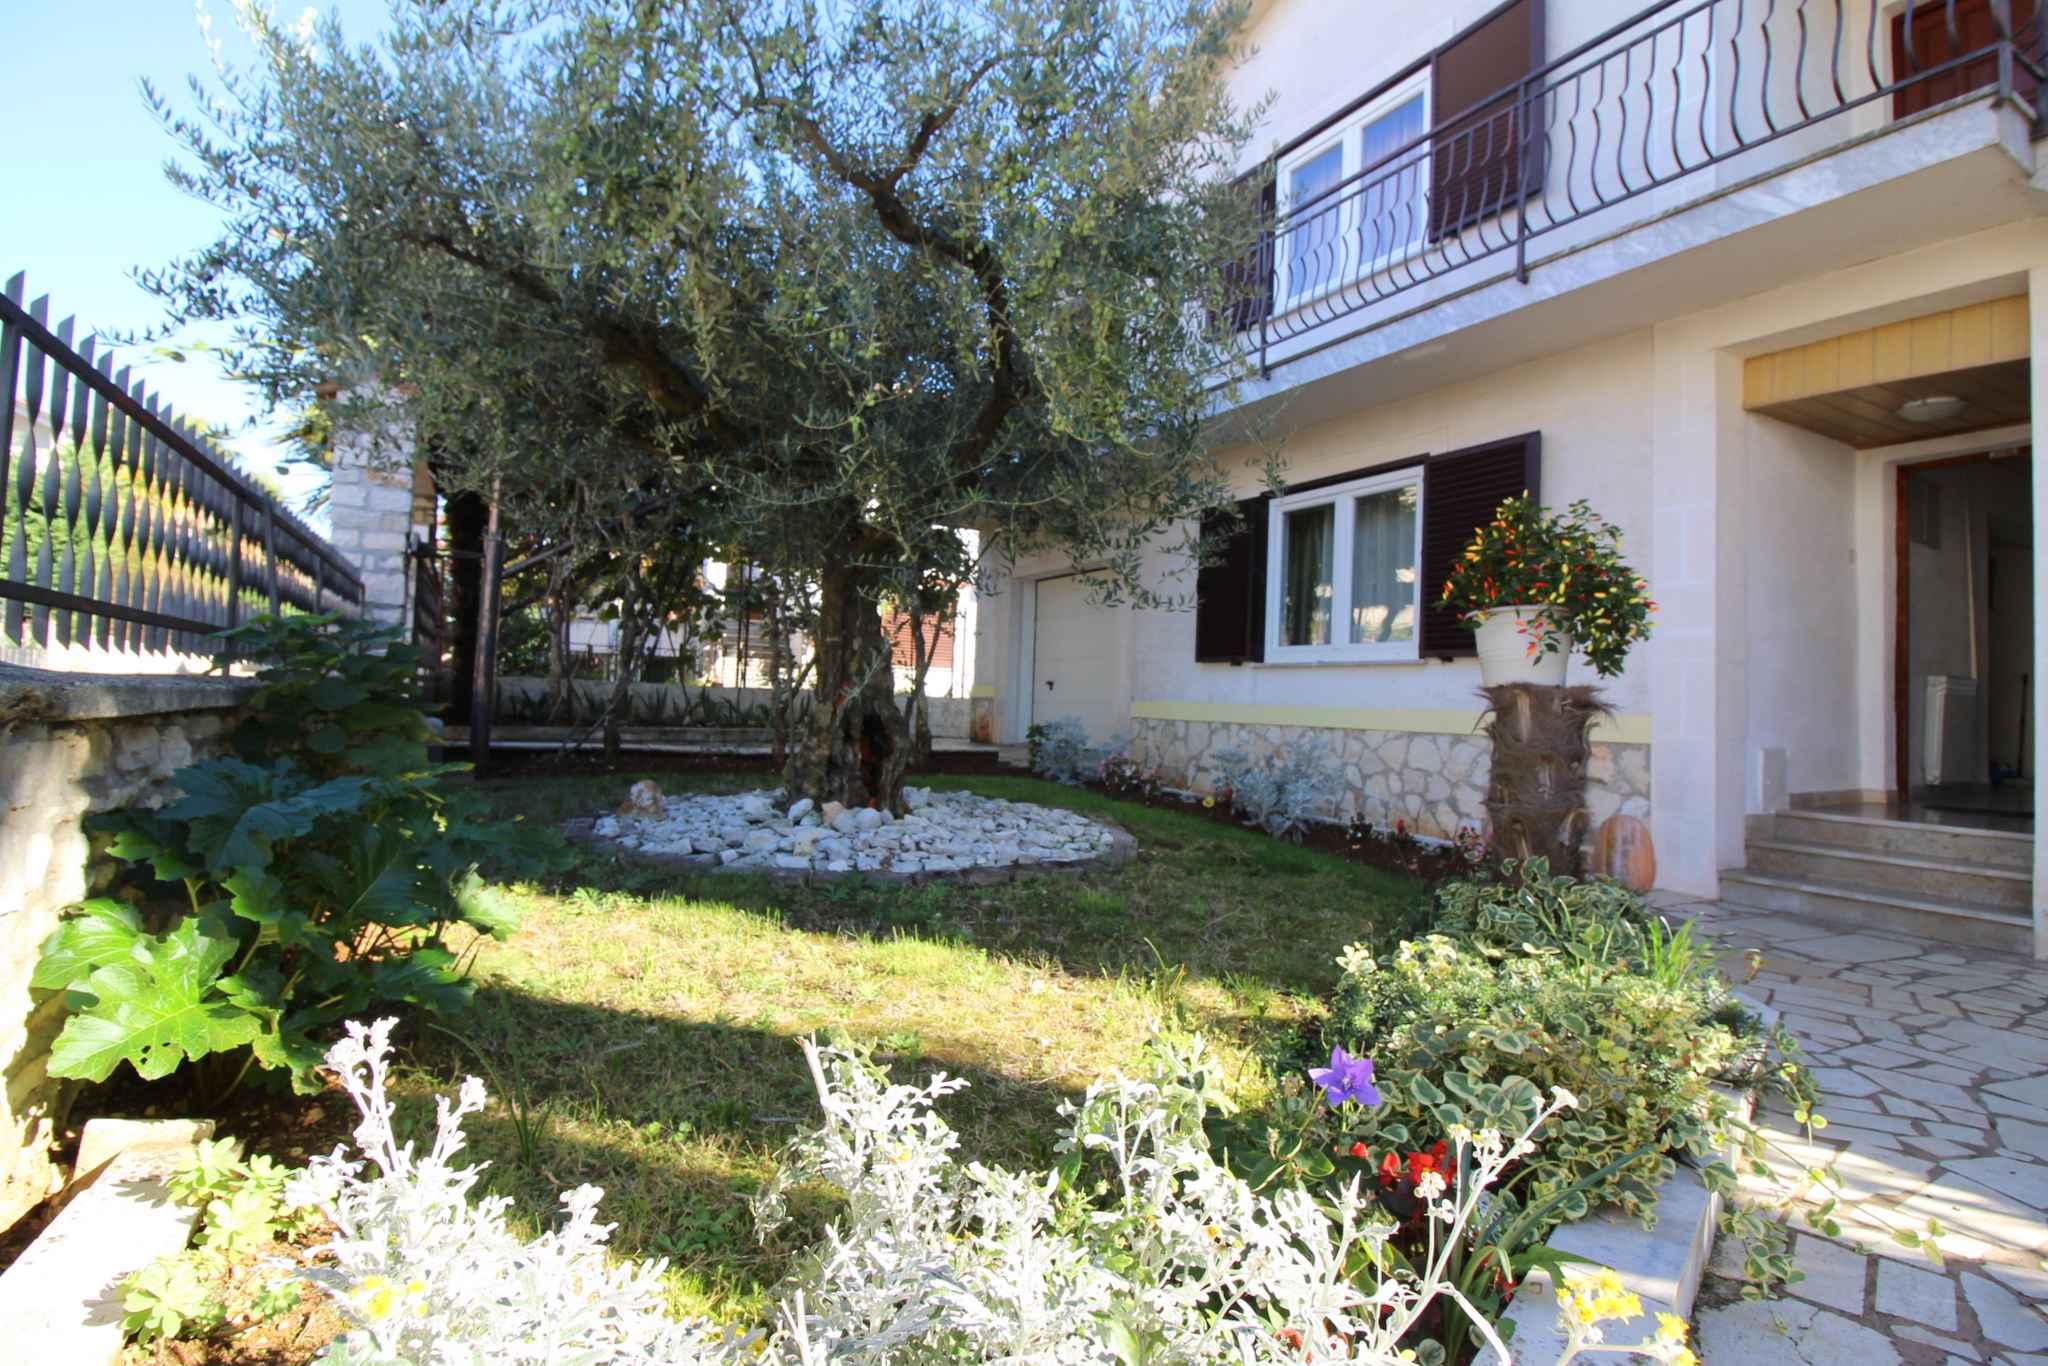 Ferienwohnung mit schönem Garten (280254), Porec, , Istrien, Kroatien, Bild 2